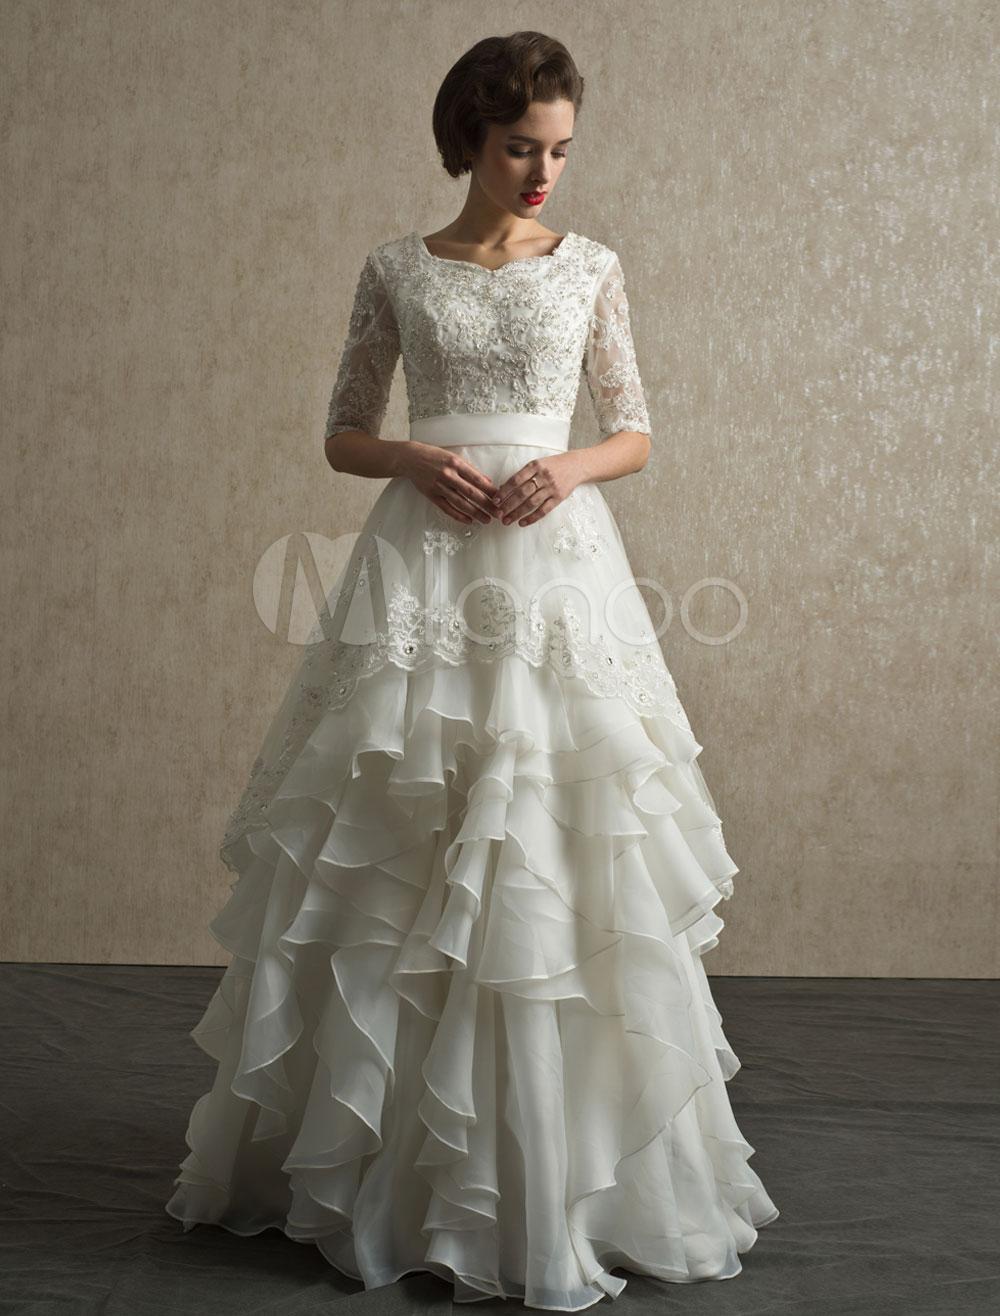 Vestido de noiva marfim linhaa em organza e camadas com manga e